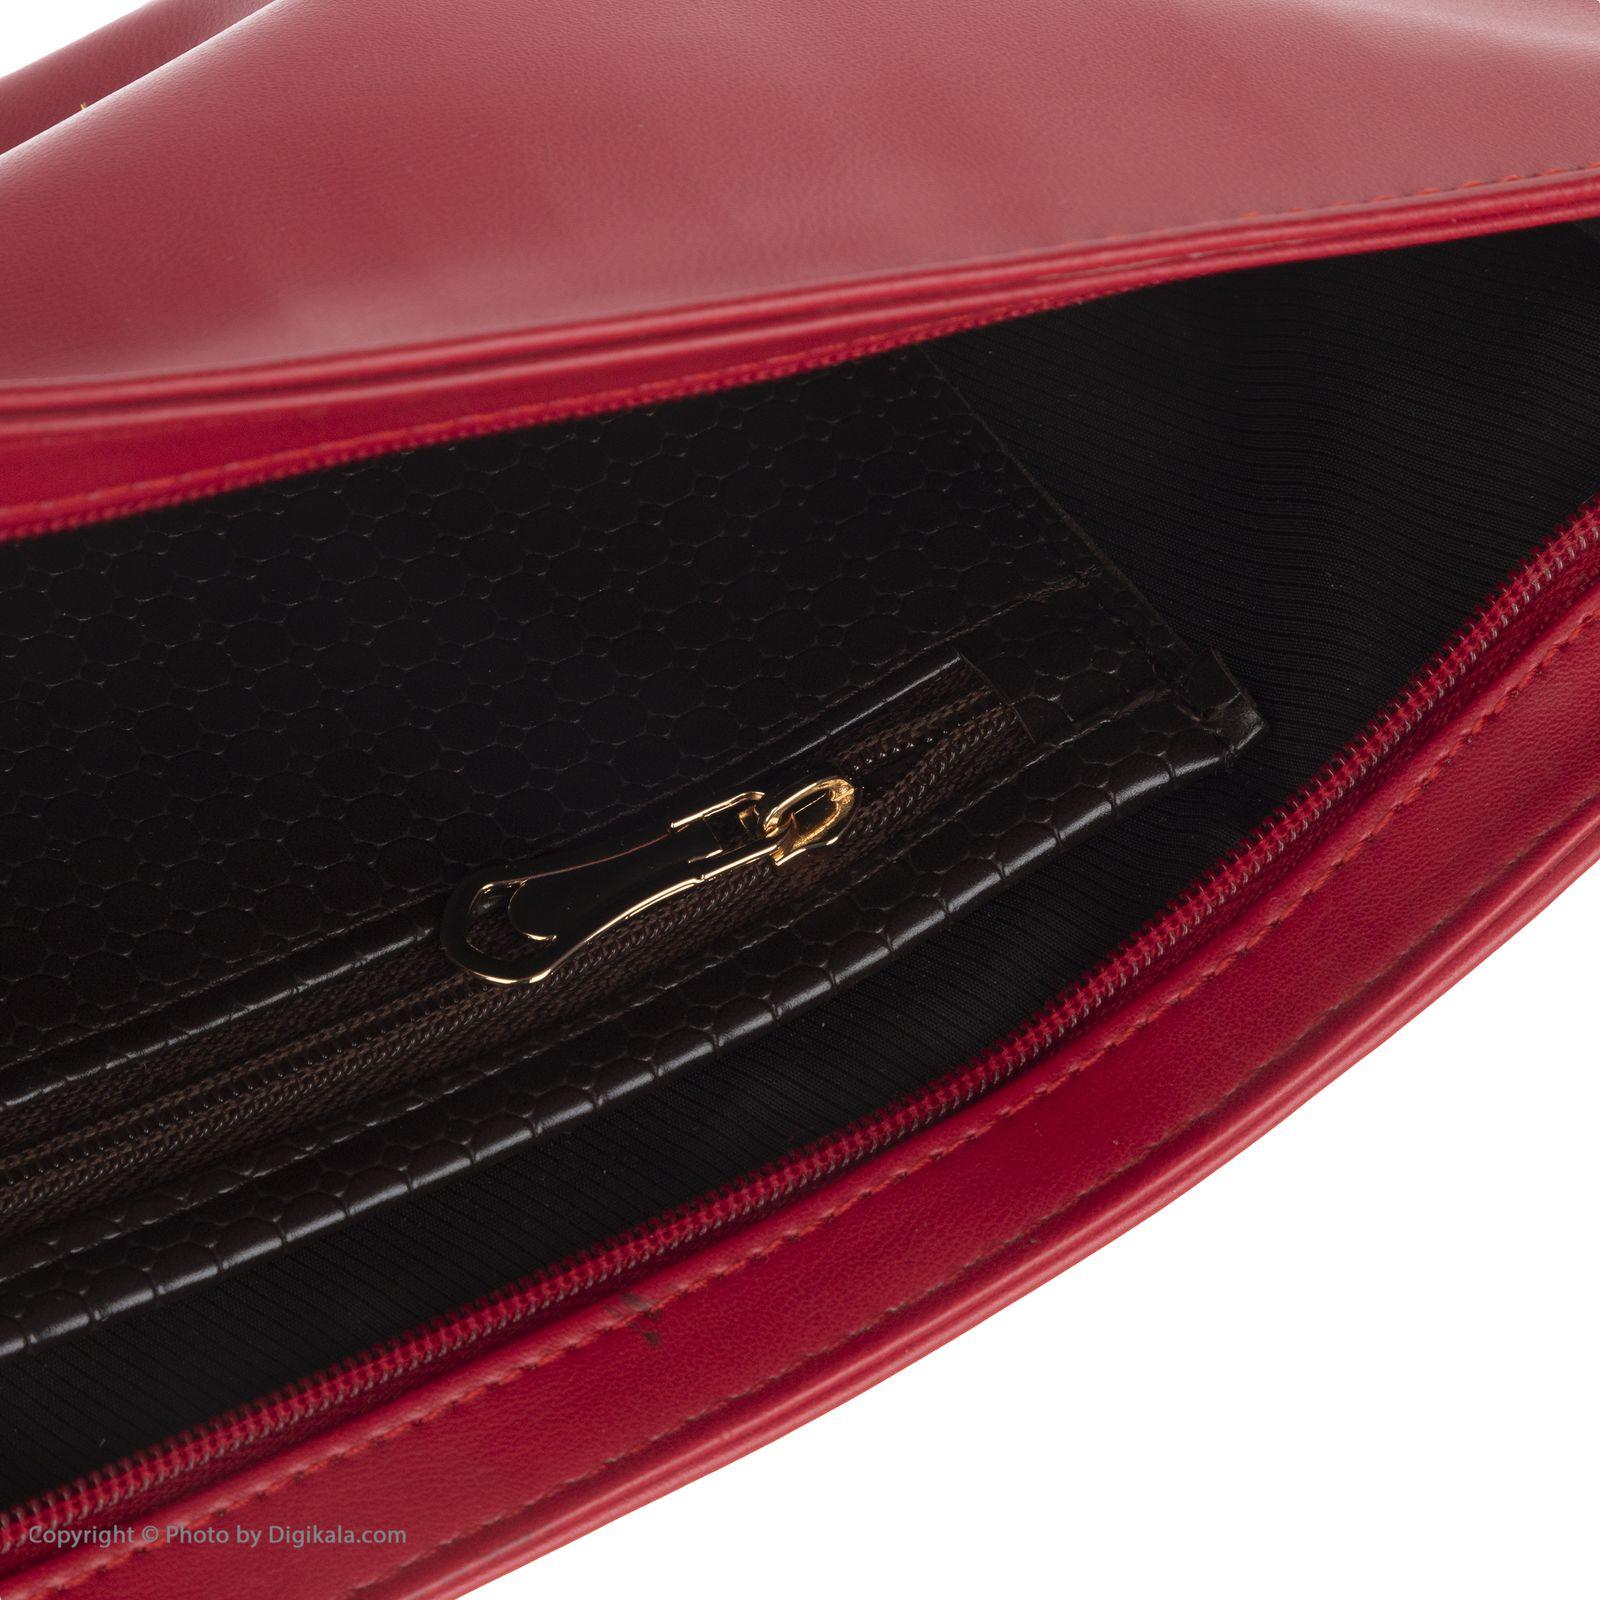 کیف دستی زنانه آرتمن مدل 36055 -  - 6